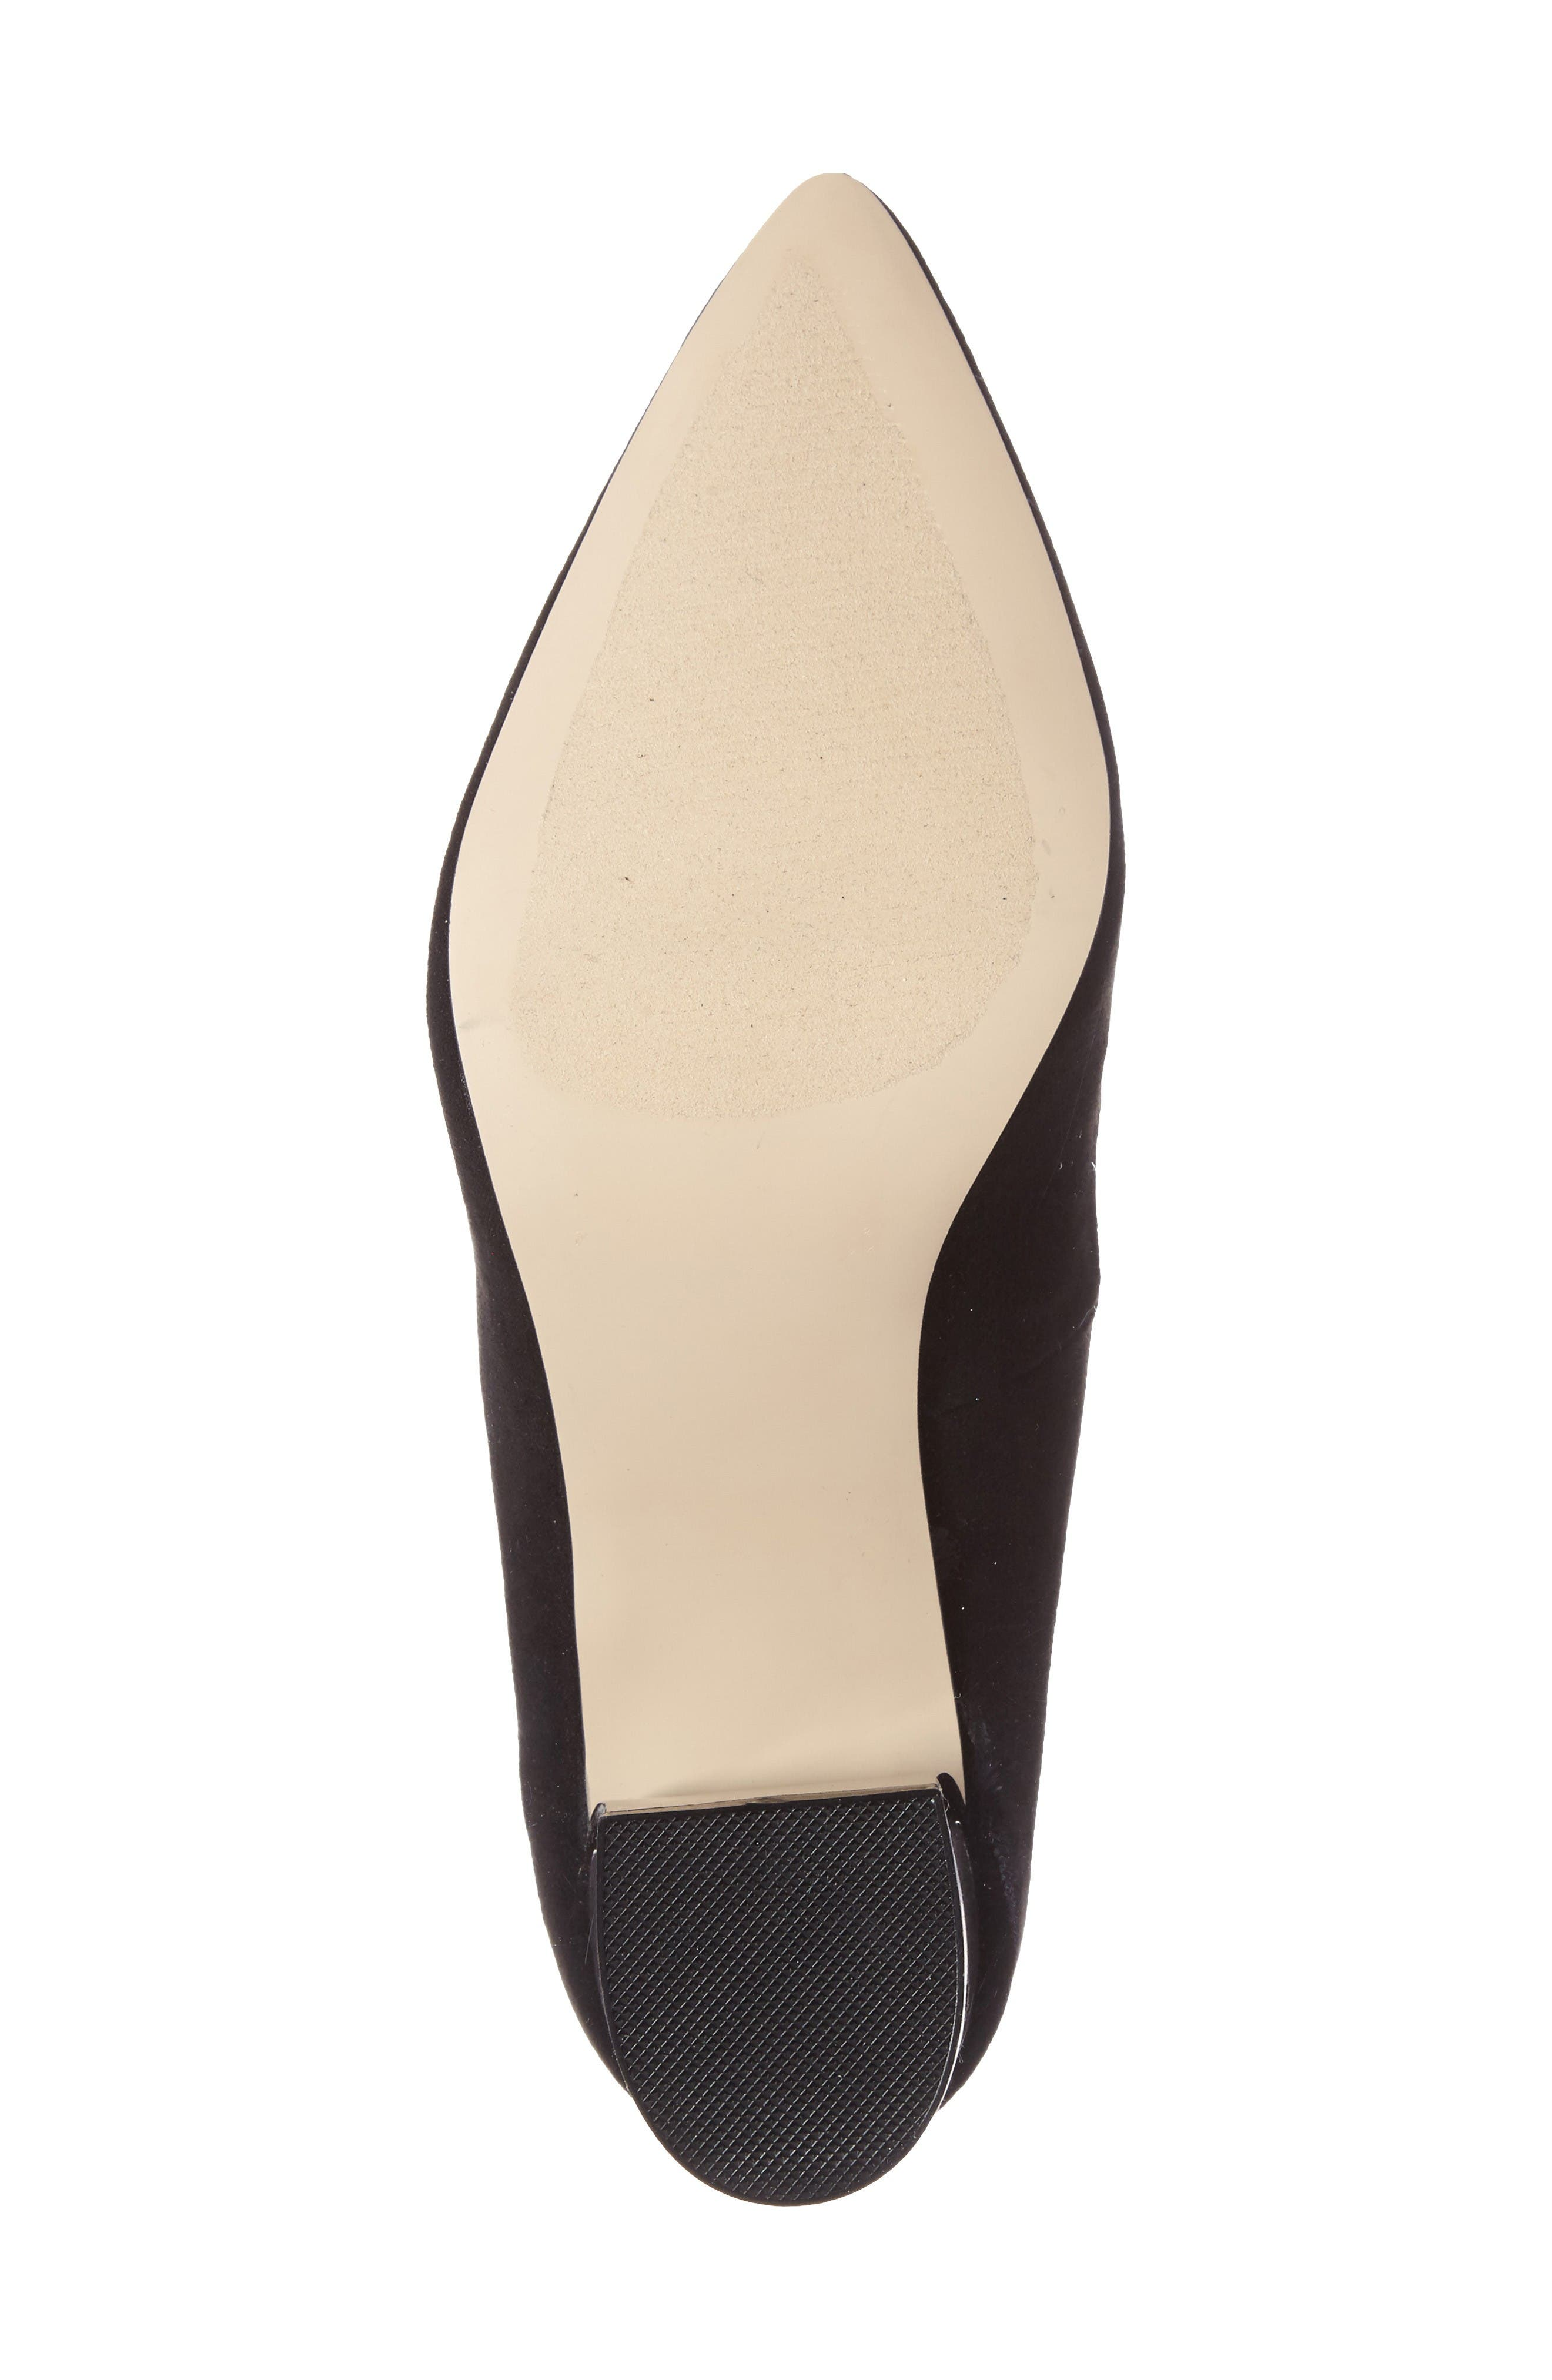 Zabel Embellished Block Heel Pump,                             Alternate thumbnail 4, color,                             Black Faux Suede